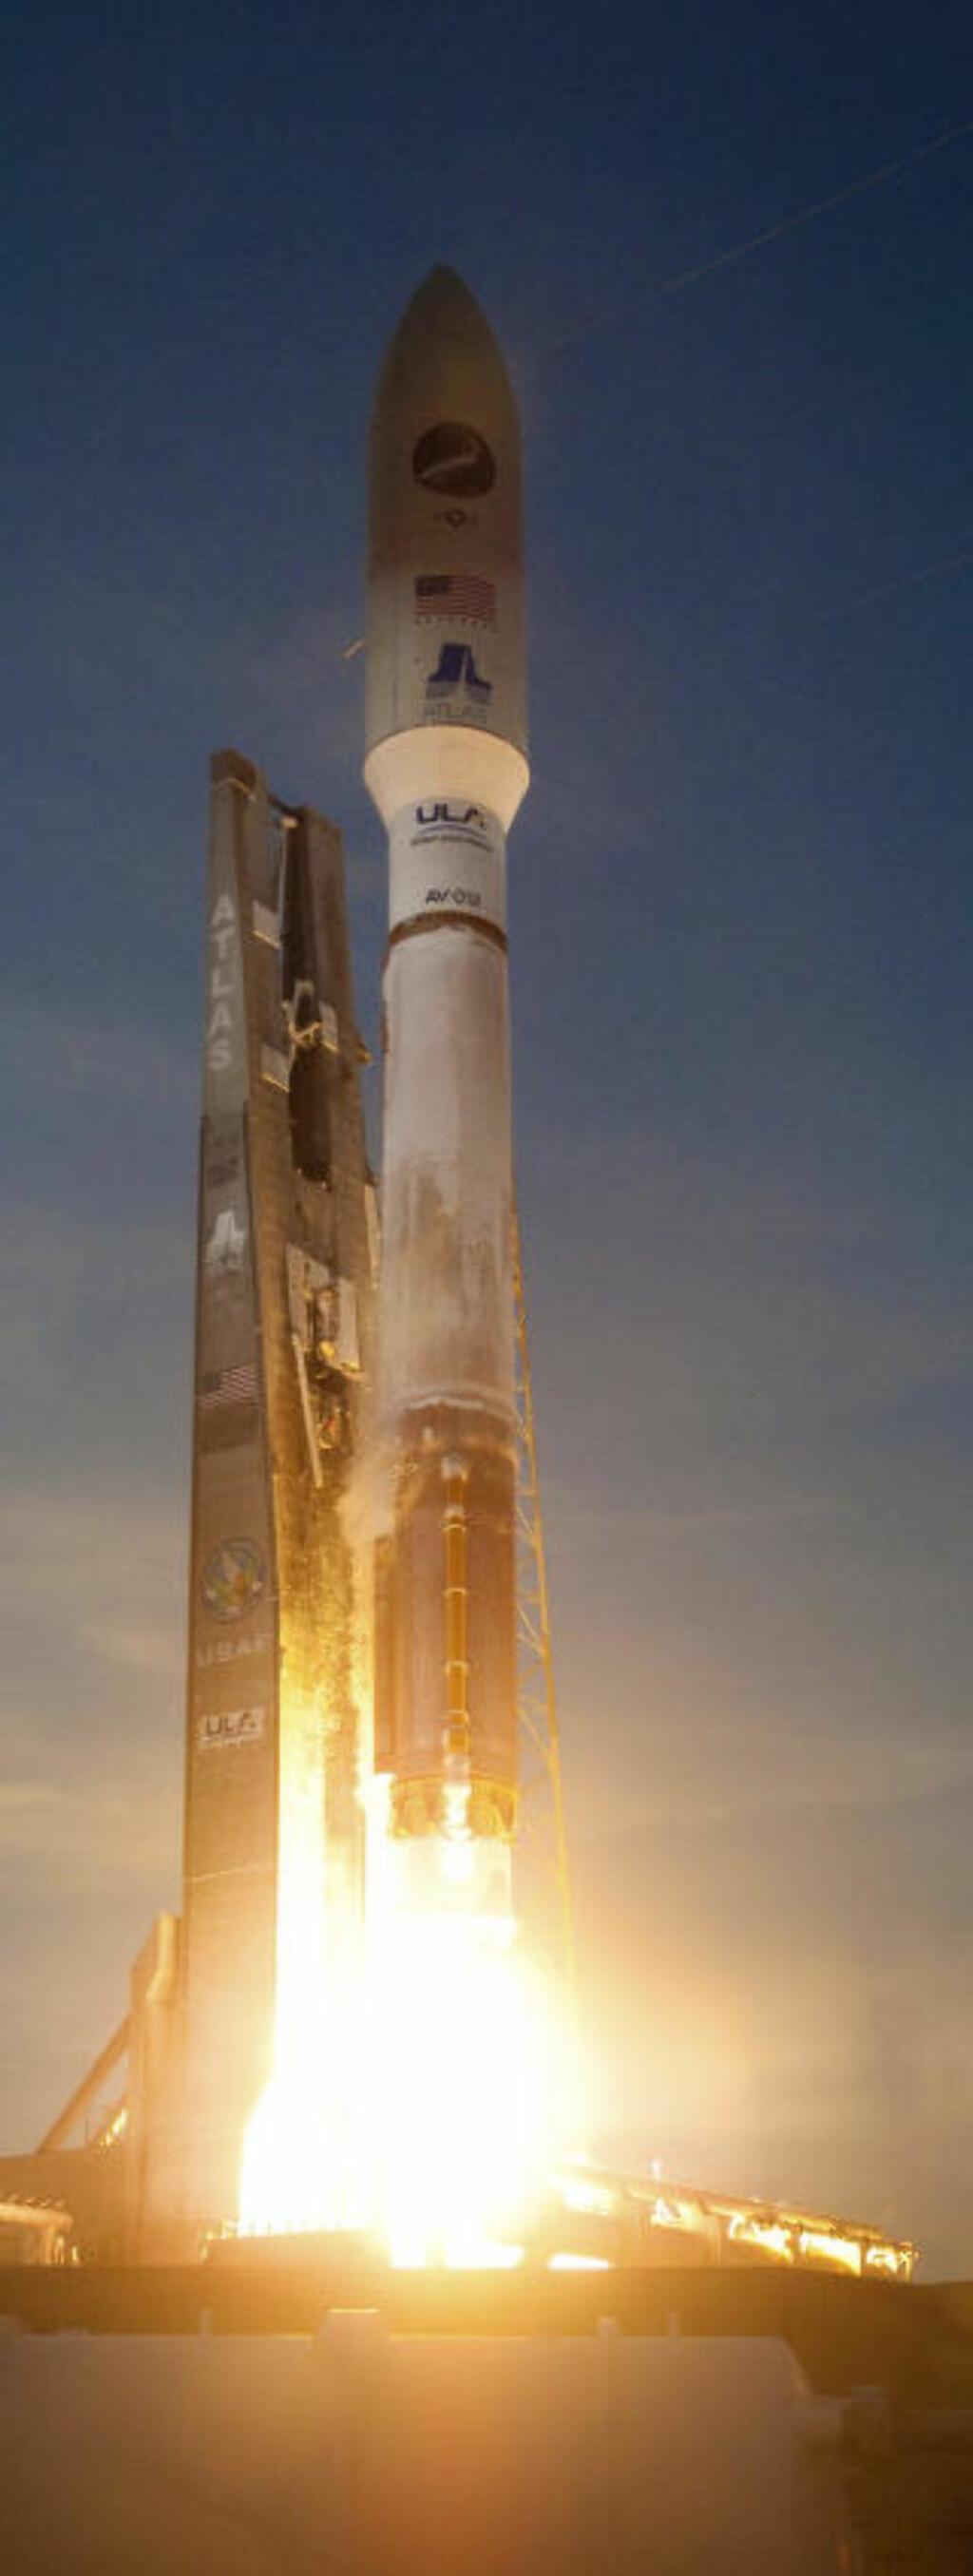 I TOPPEN: En Atlas V-rakett fra United Launch Alliance ble skutt opp med romflyet fra Cape Canaveral Air Force Base i Florida. Militærbasen ligger vegg i vegg med NASAs Kennedy Space Center, hvor alle romferjene skytes opp. Foto: REUTERS/Pat Corkery/United Launch Alliance/Handout